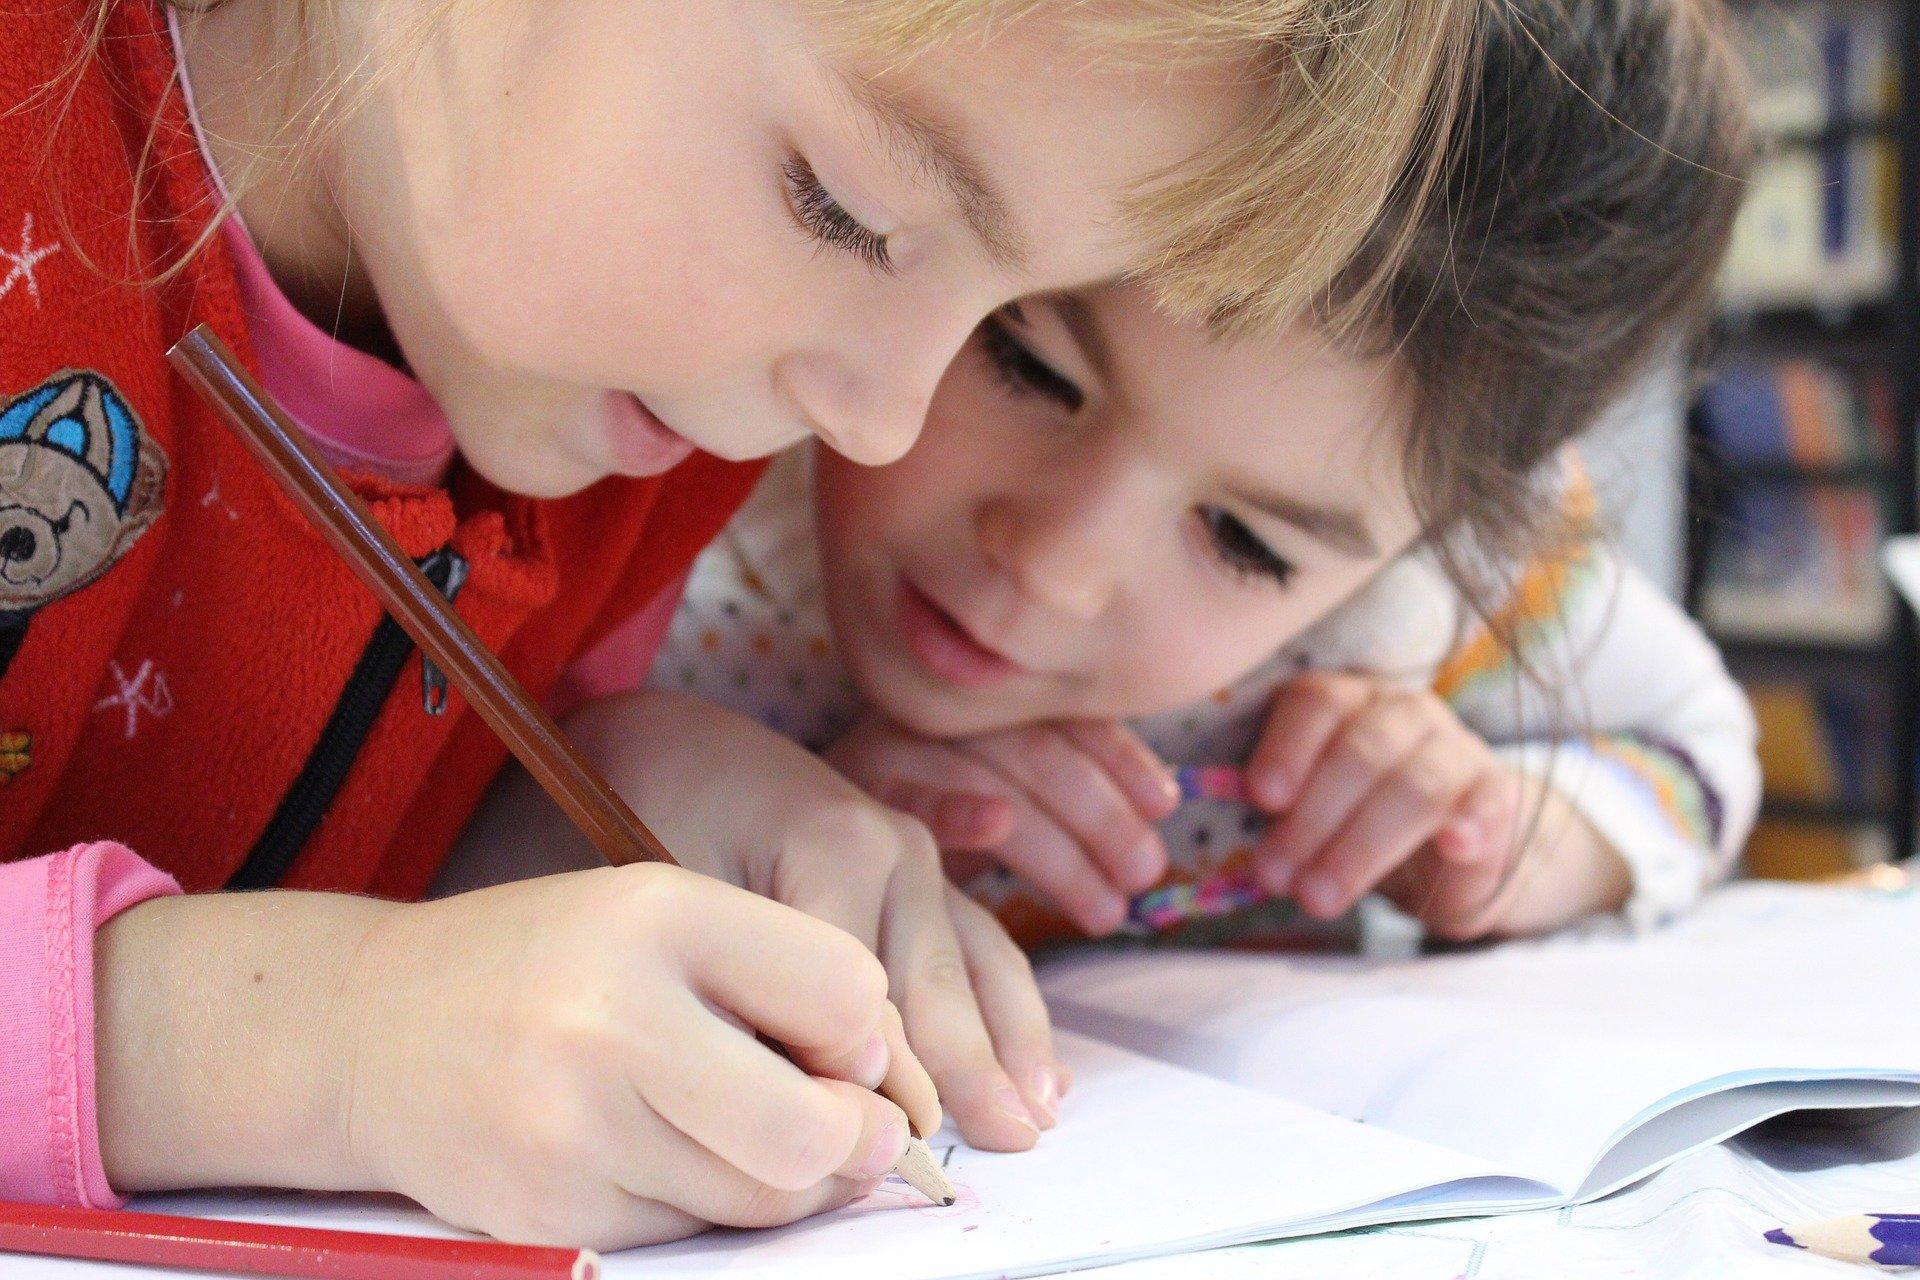 Генпрокурор РФ предложил давать жилищных сертификаты детям-сиротам, которые долго стоят в очереди на квартиру - фото 1